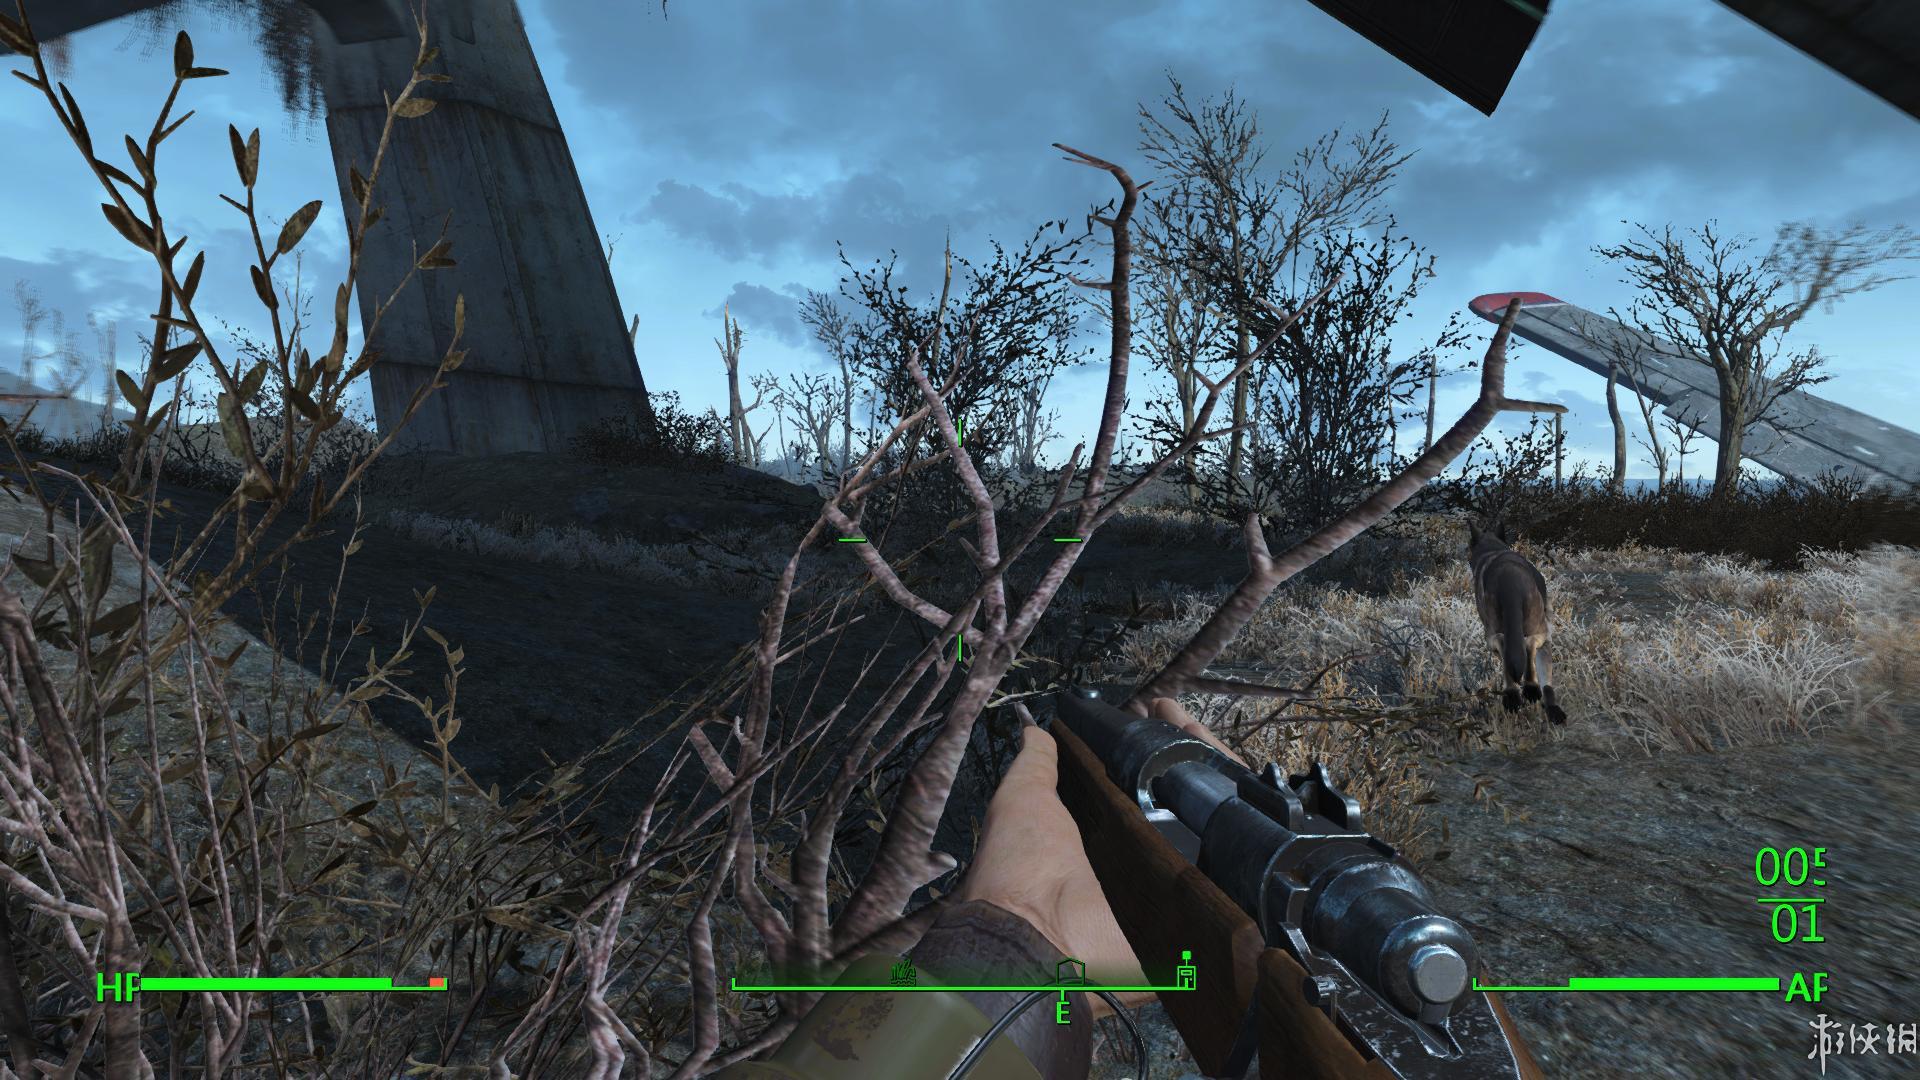 辐射4/Fallout 4/3/2/1/辐射避难所/新维加斯/钢铁兄弟会[新版v1.10]插图5